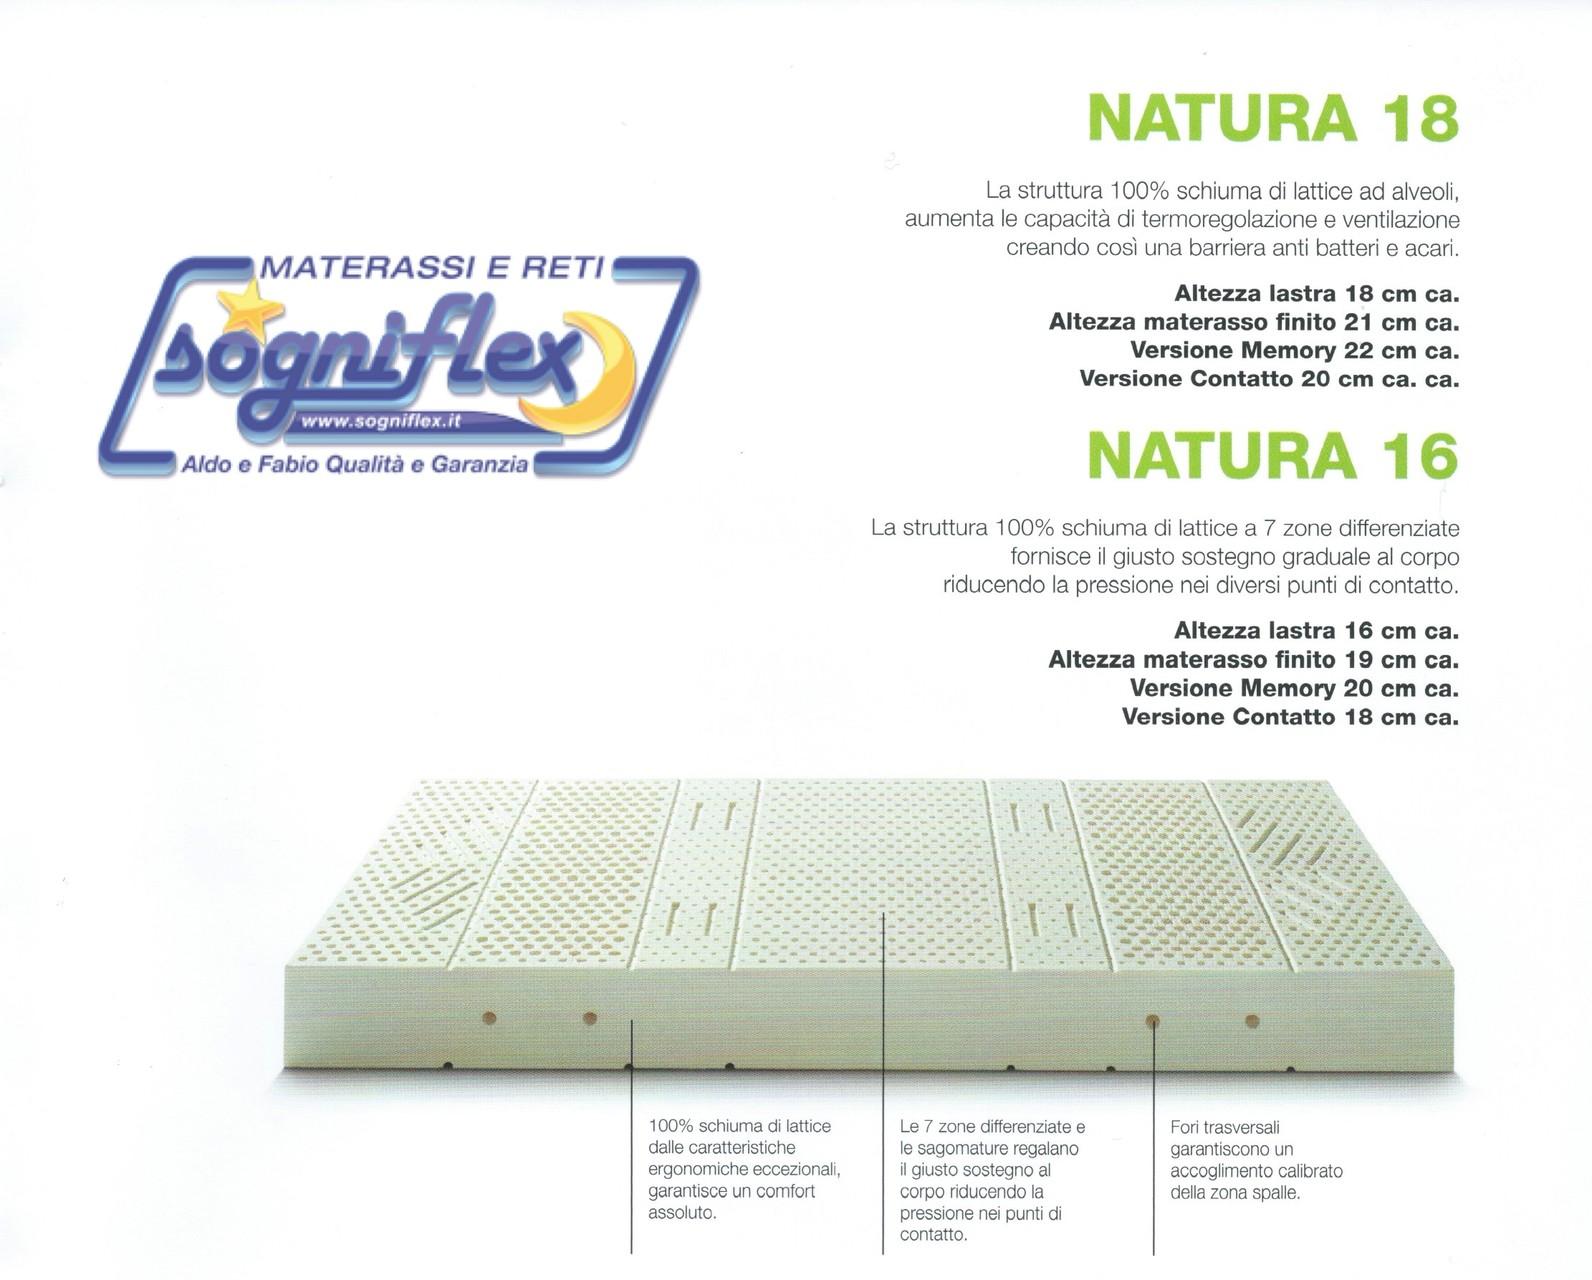 Materasso Natura 18 e Natura 16